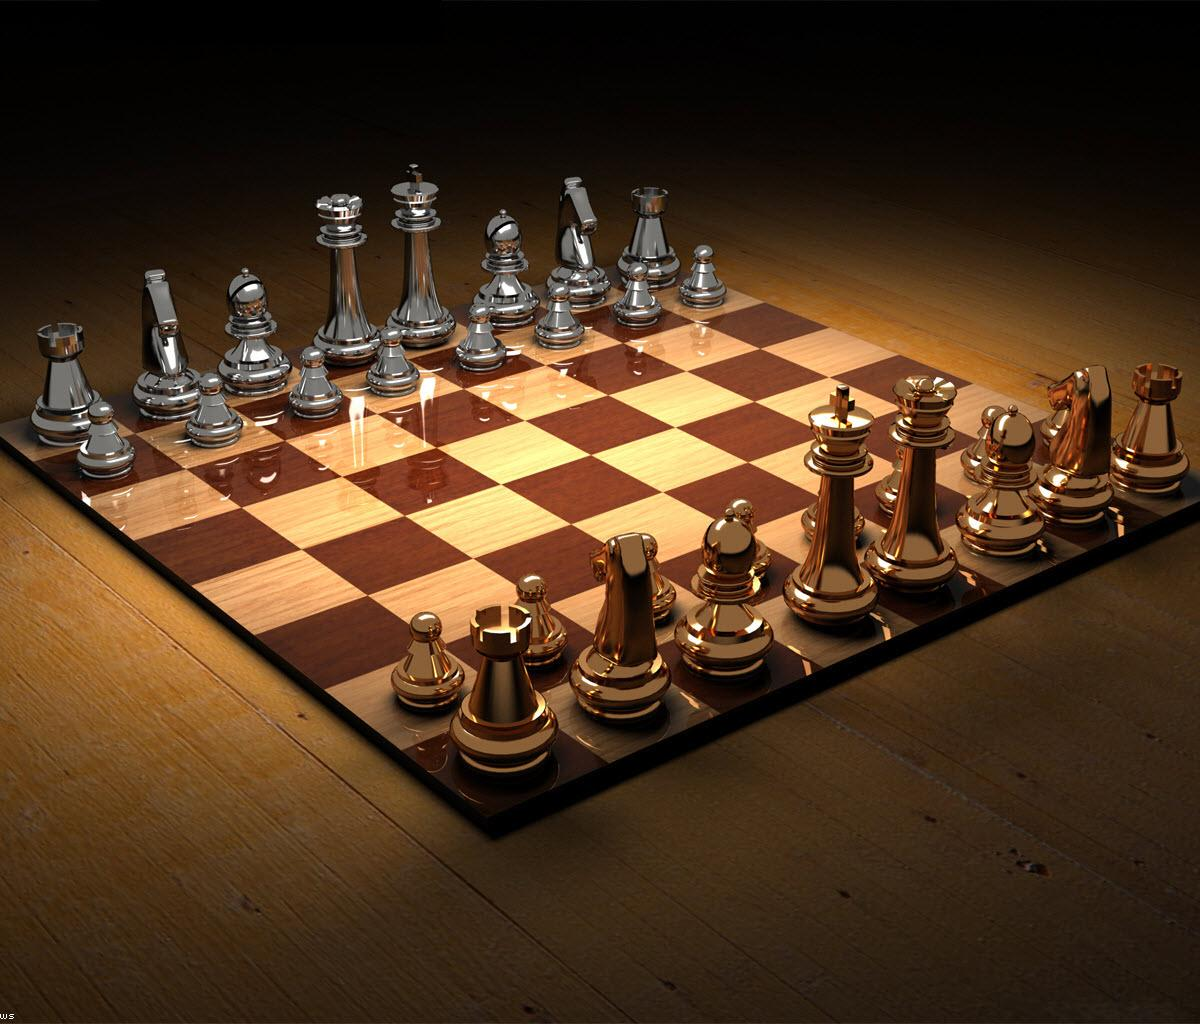 Лет, картинка с шахматами